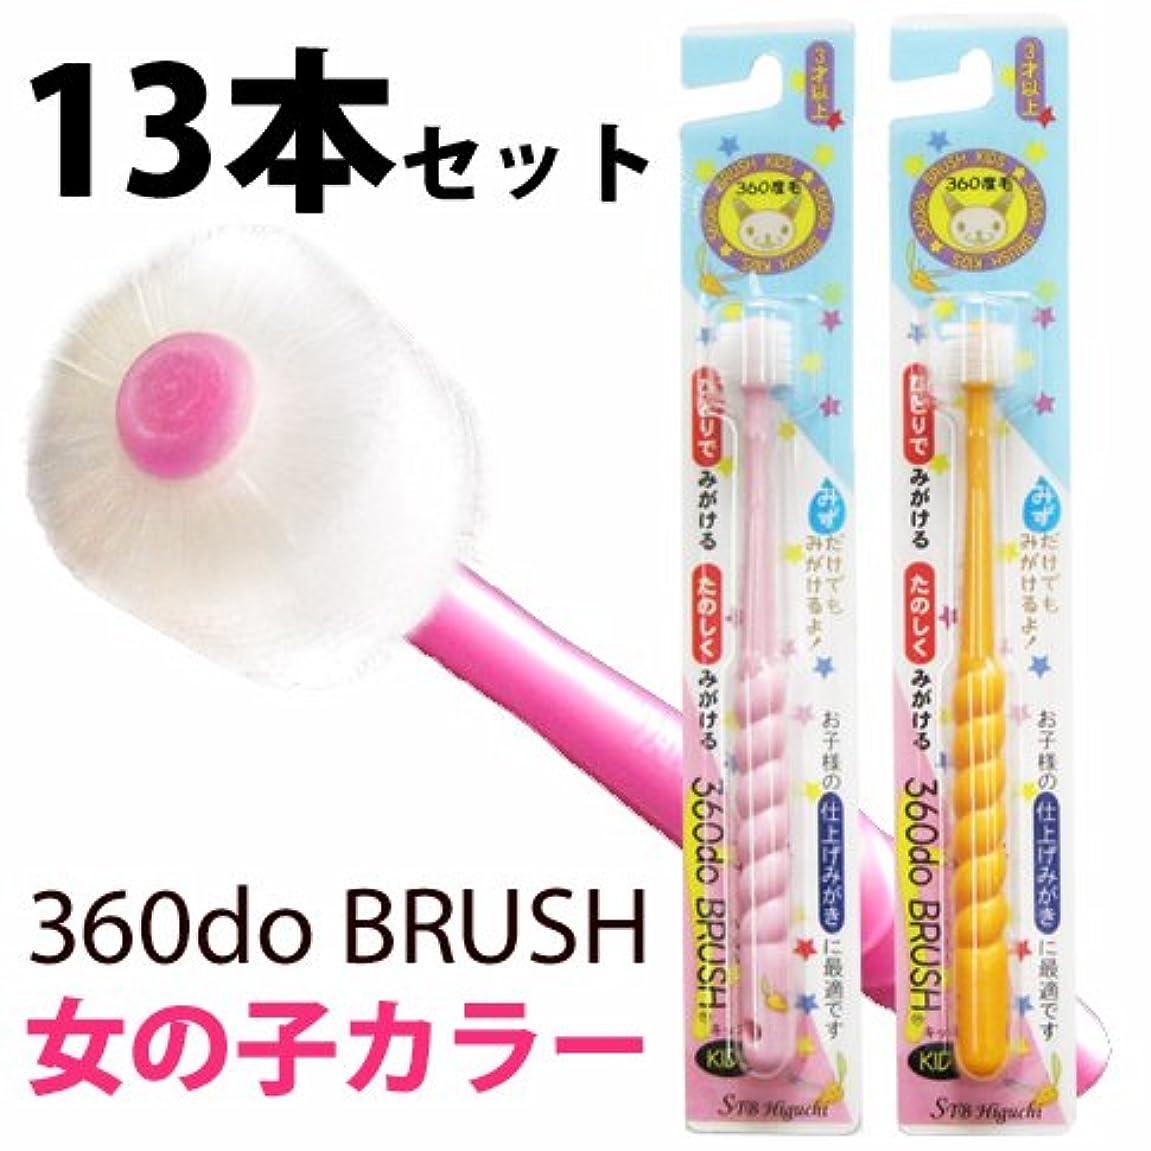 野生エゴマニア優勢360do BRUSH 360度歯ブラシ キッズ 女の子用 13本セット